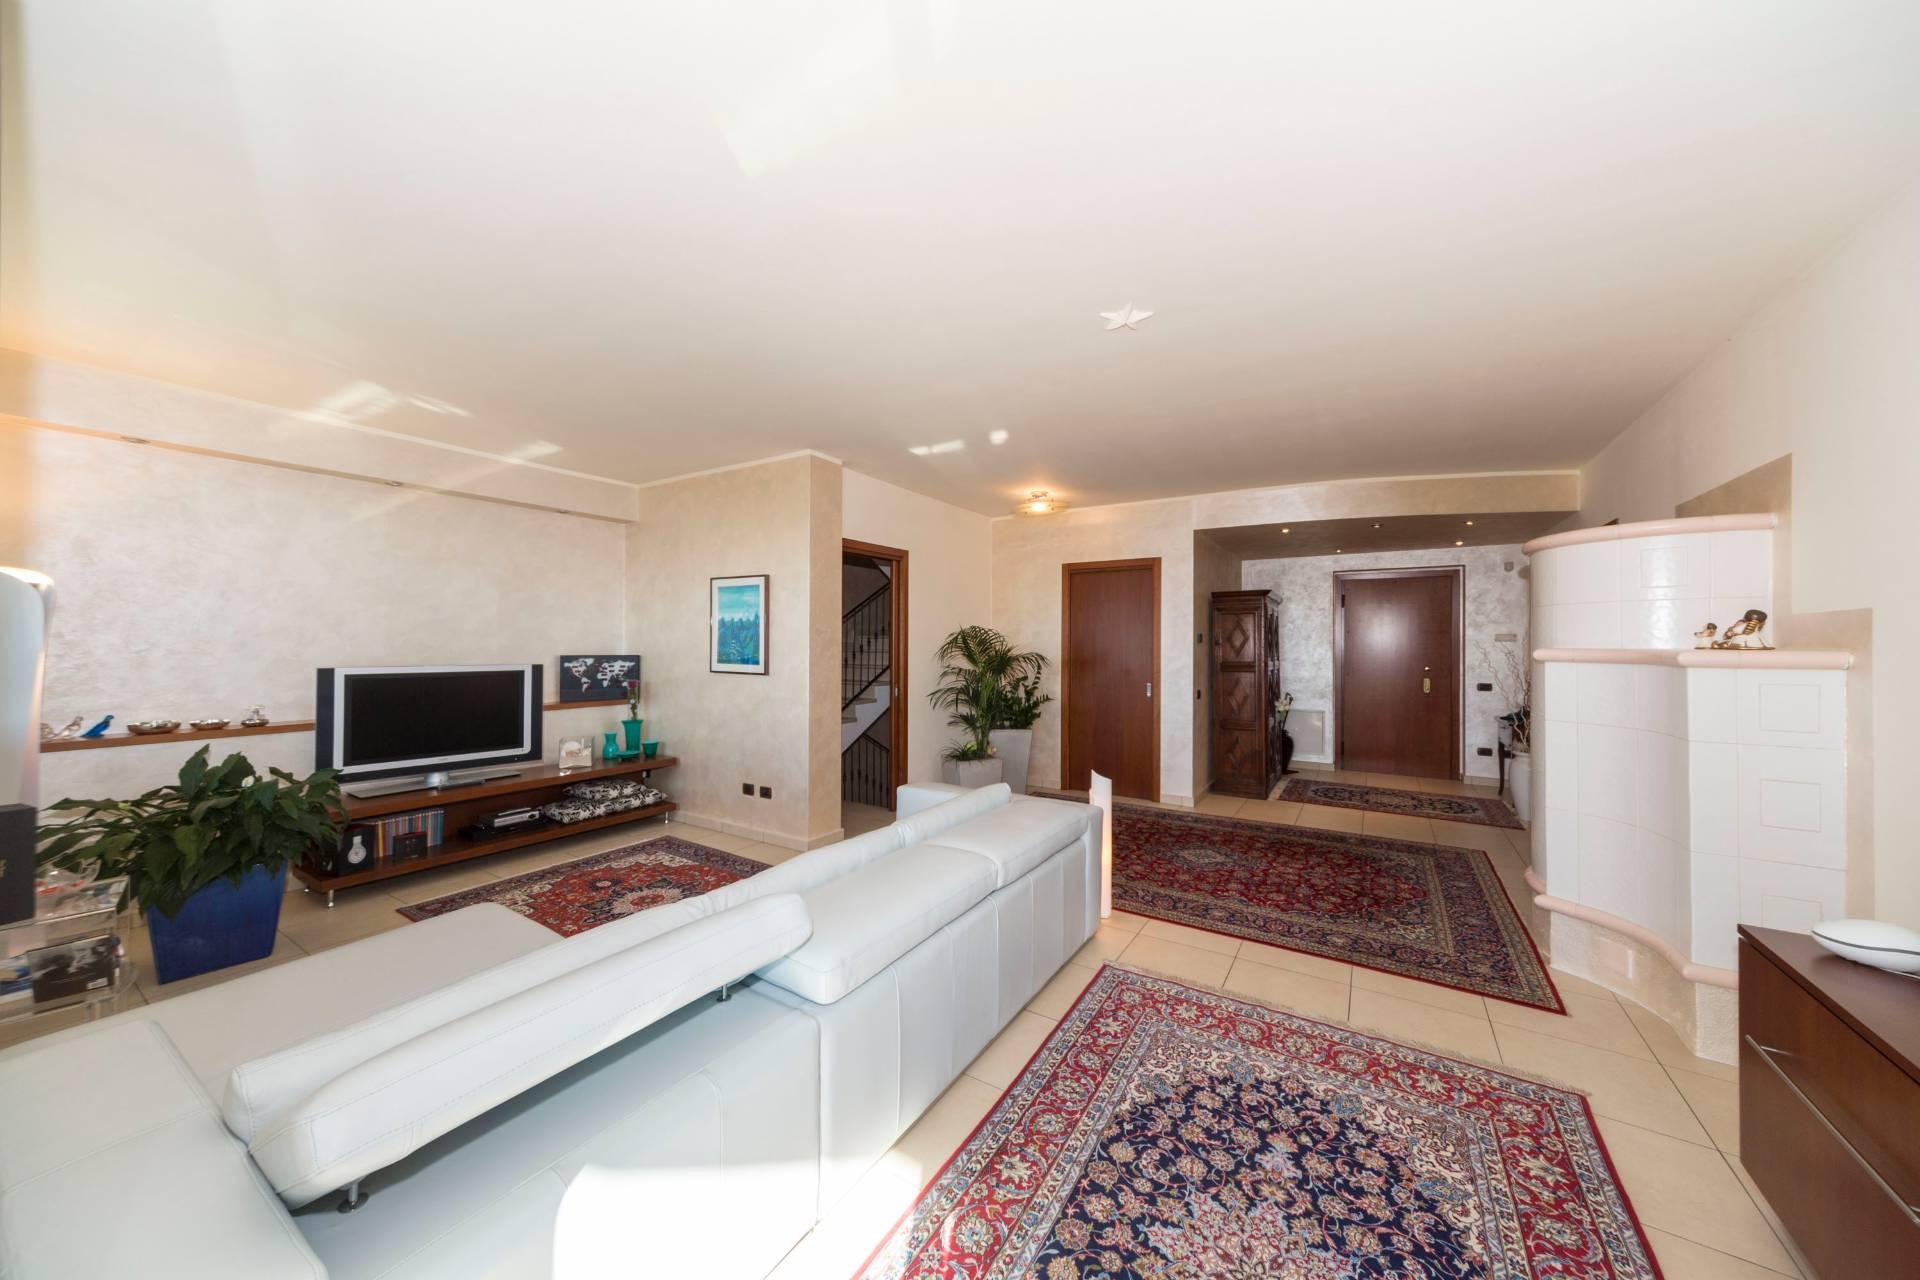 Villa in vendita a Lecco, 5 locali, zona Zona: Malnago , prezzo € 780.000 | Cambio Casa.it